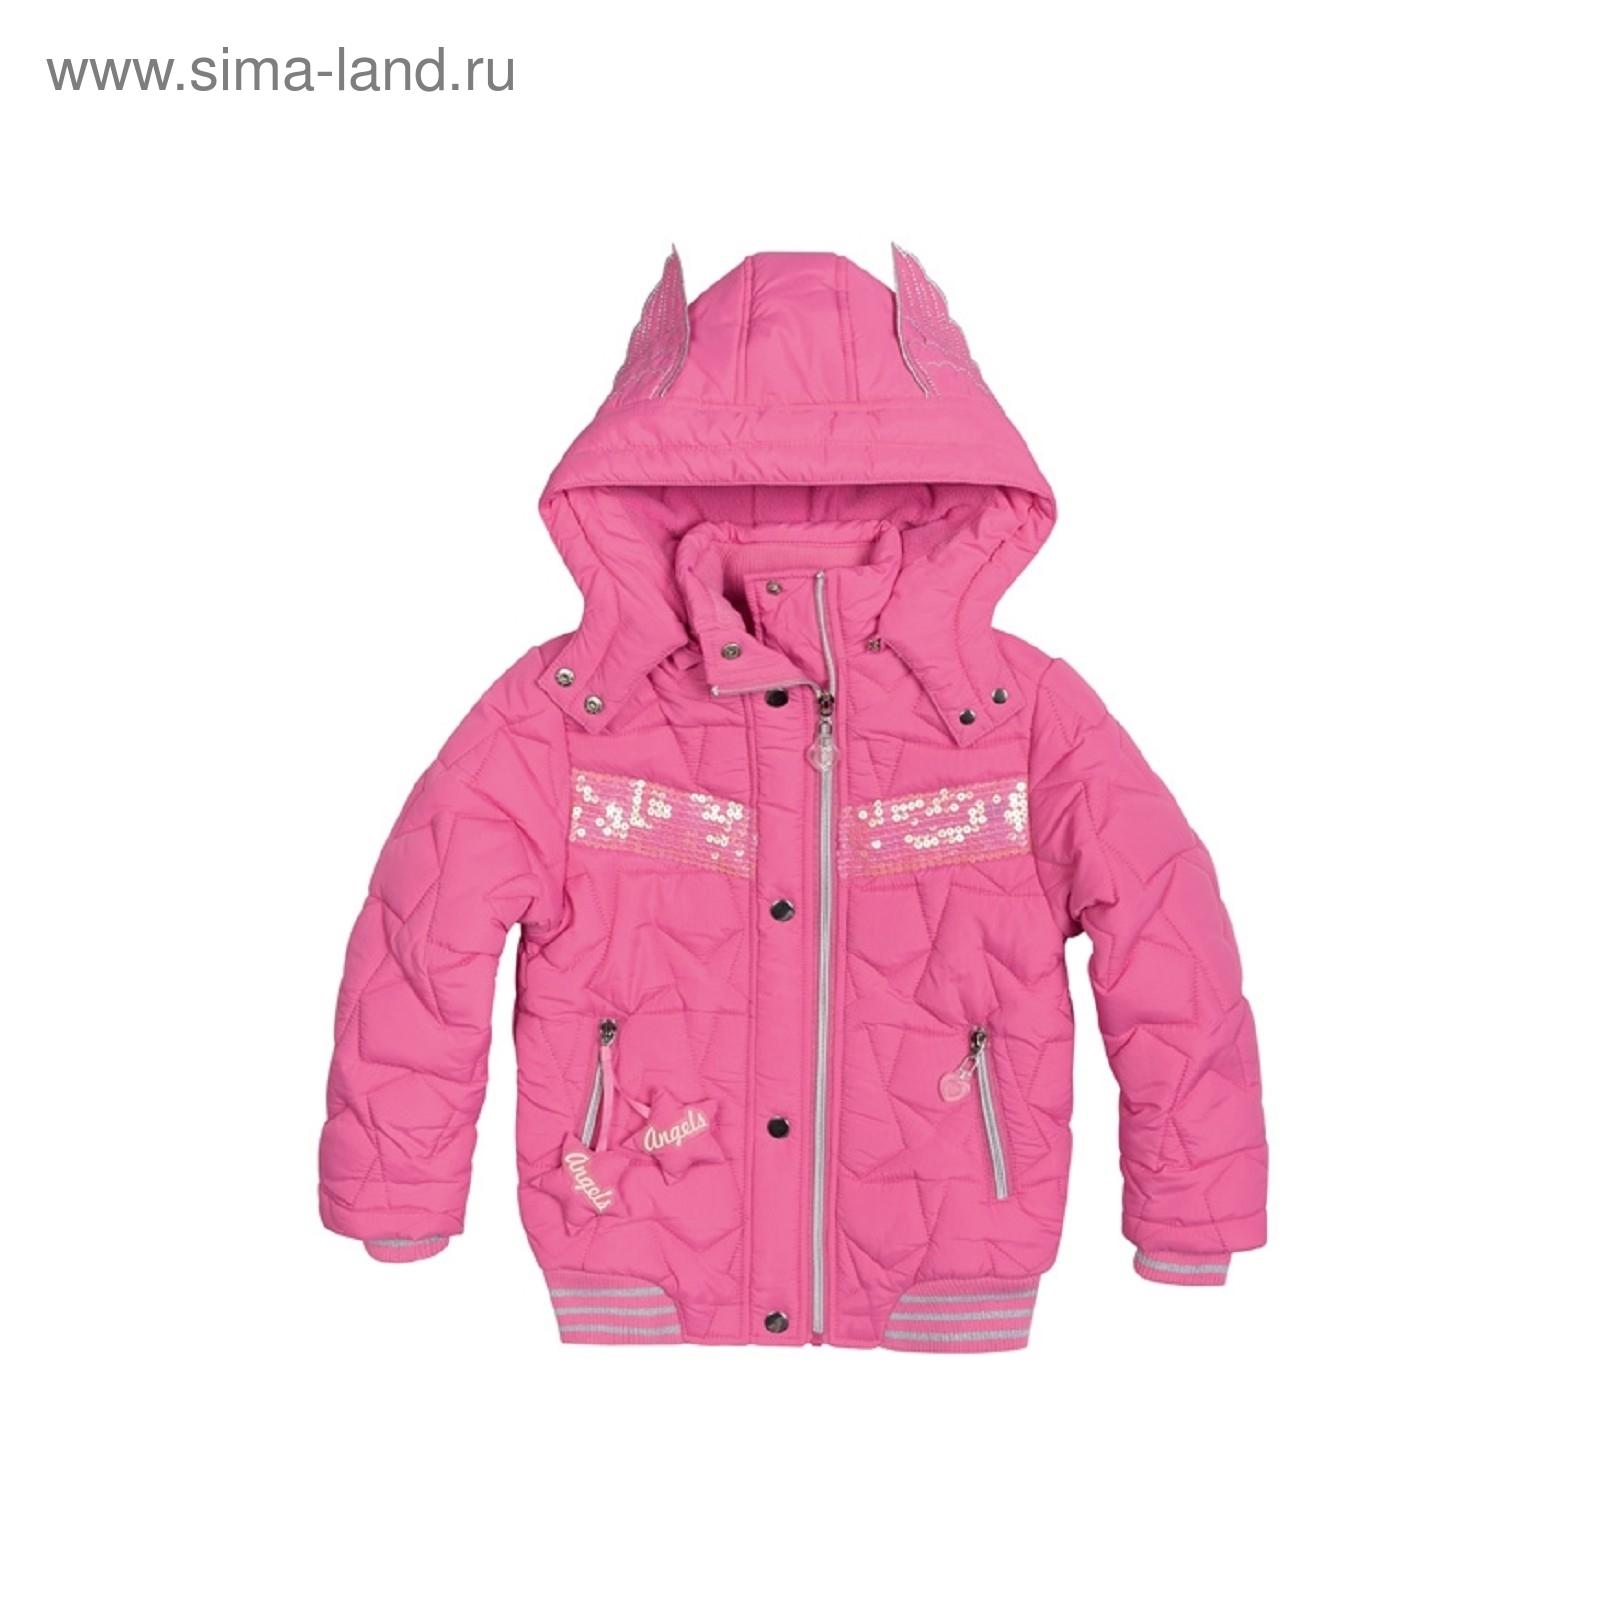 7e402749c614 Куртка для девочки, возраст 6 лет, цвет розовый (GZWL380) - Купить ...